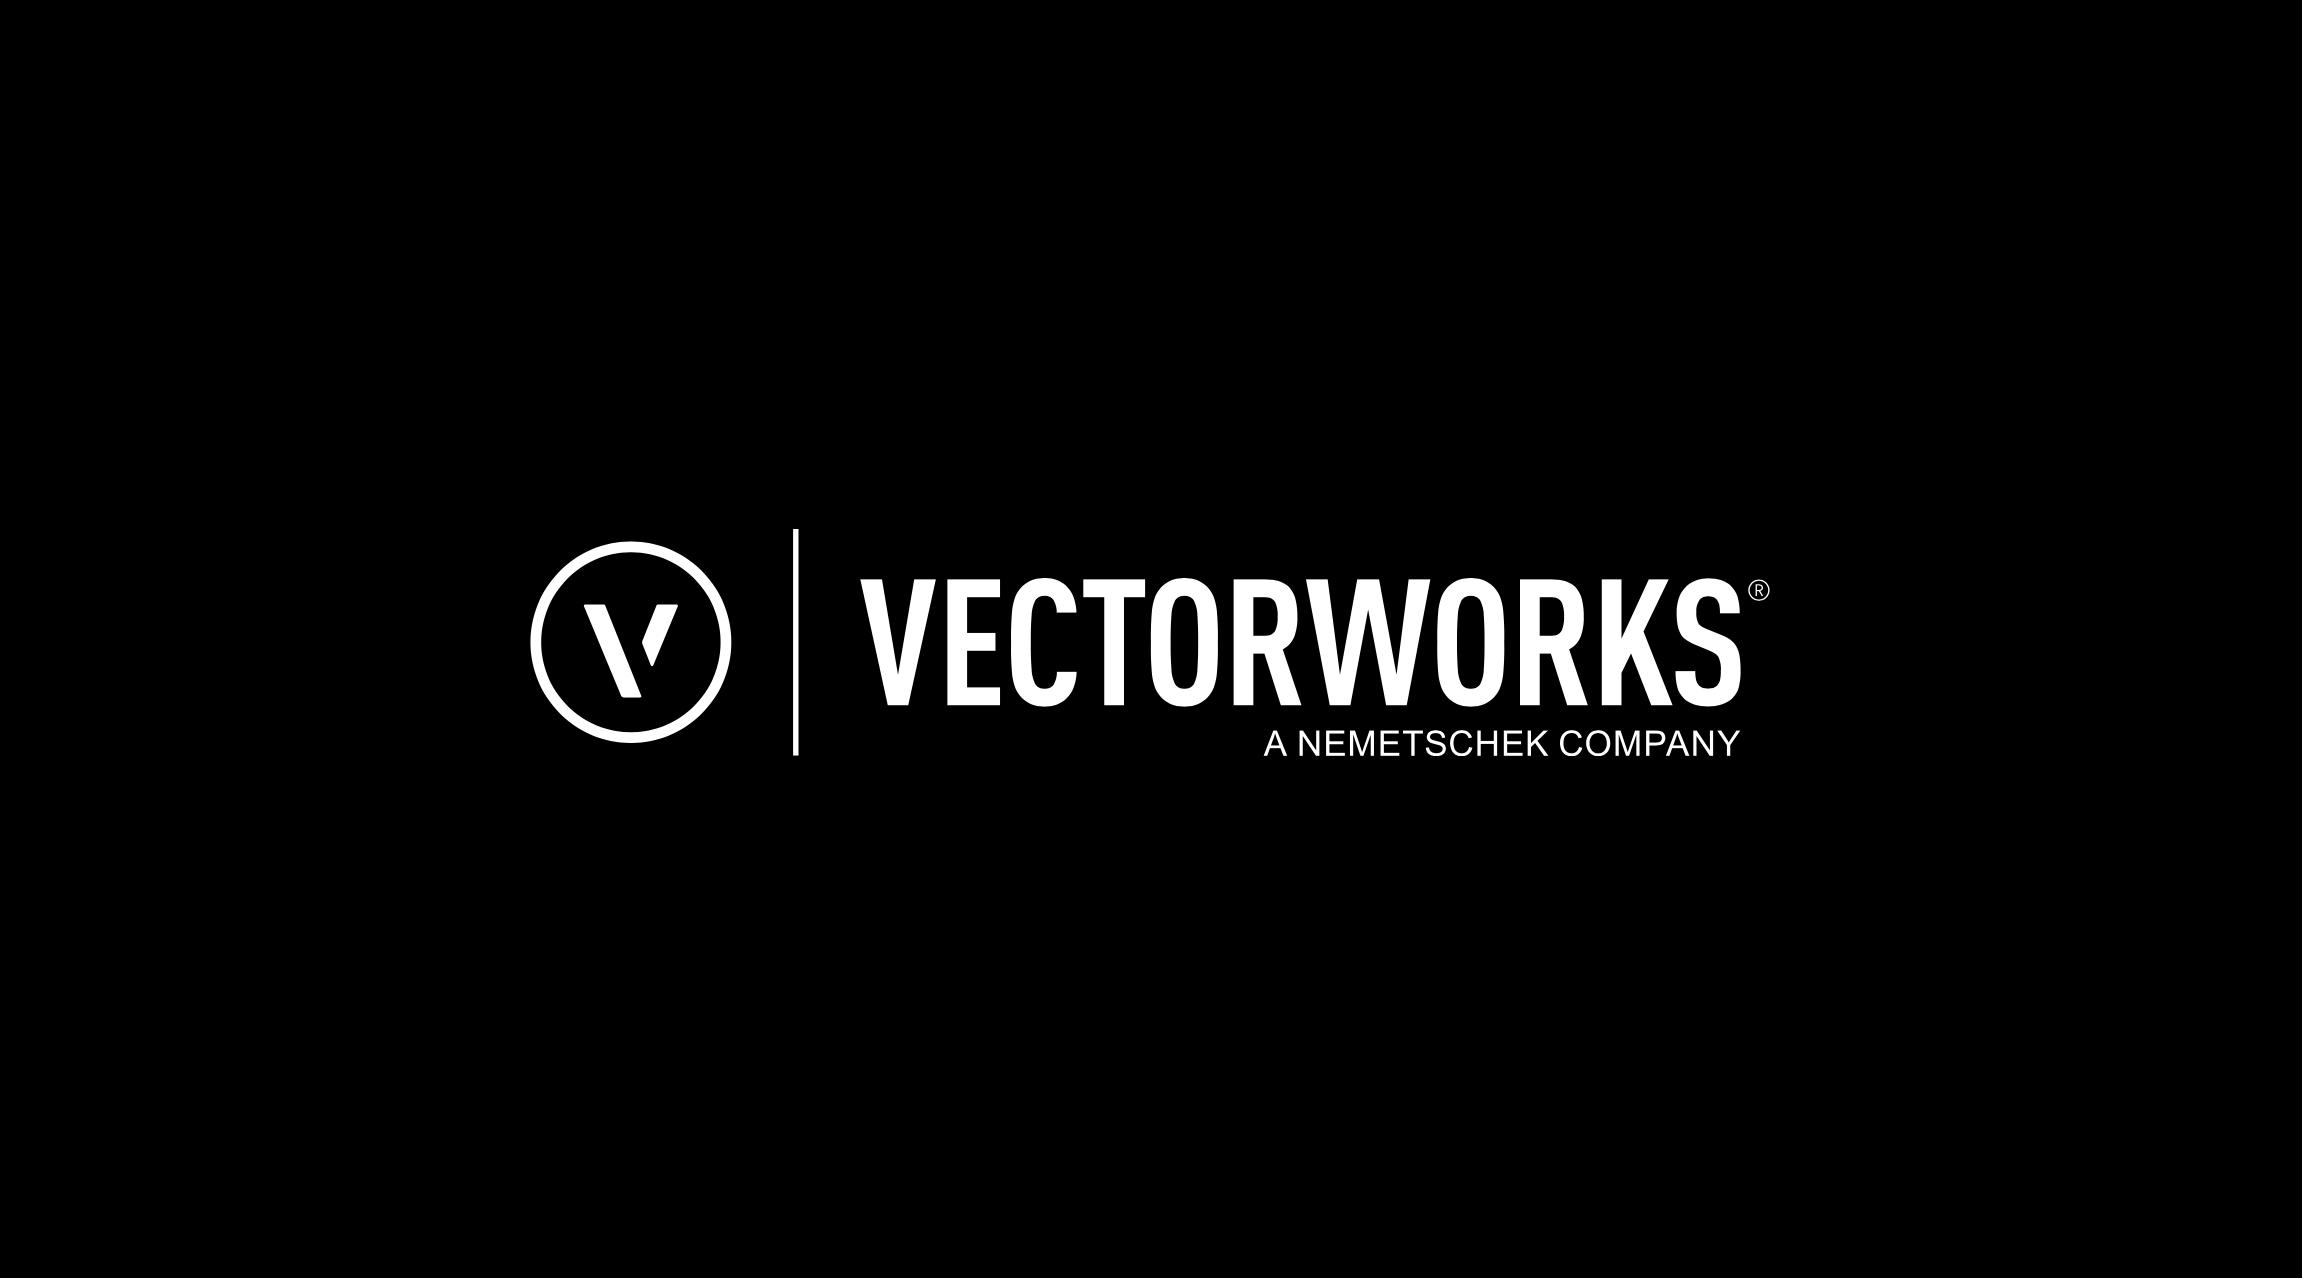 Vectorworks Honors Hispanic and Latino Music